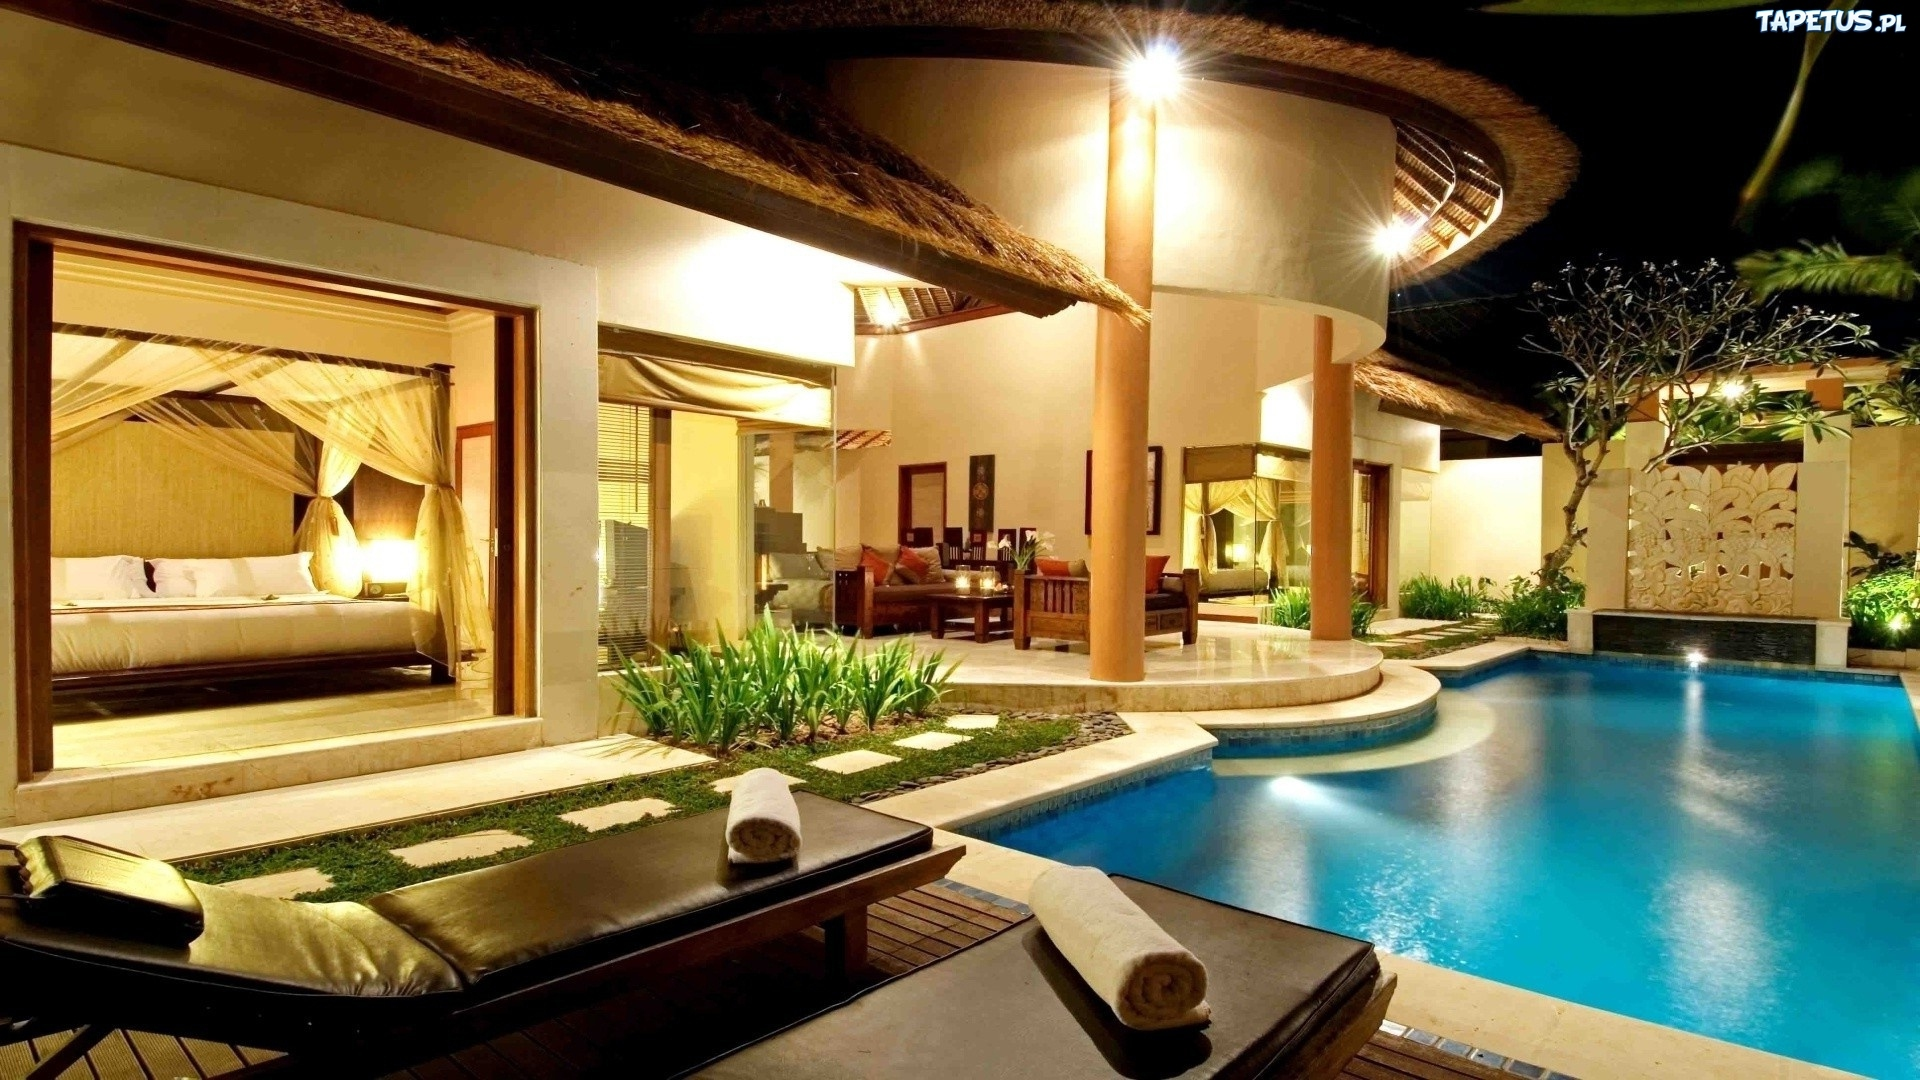 обои на рабочий стол красивые дома с бассейном № 252115 бесплатно